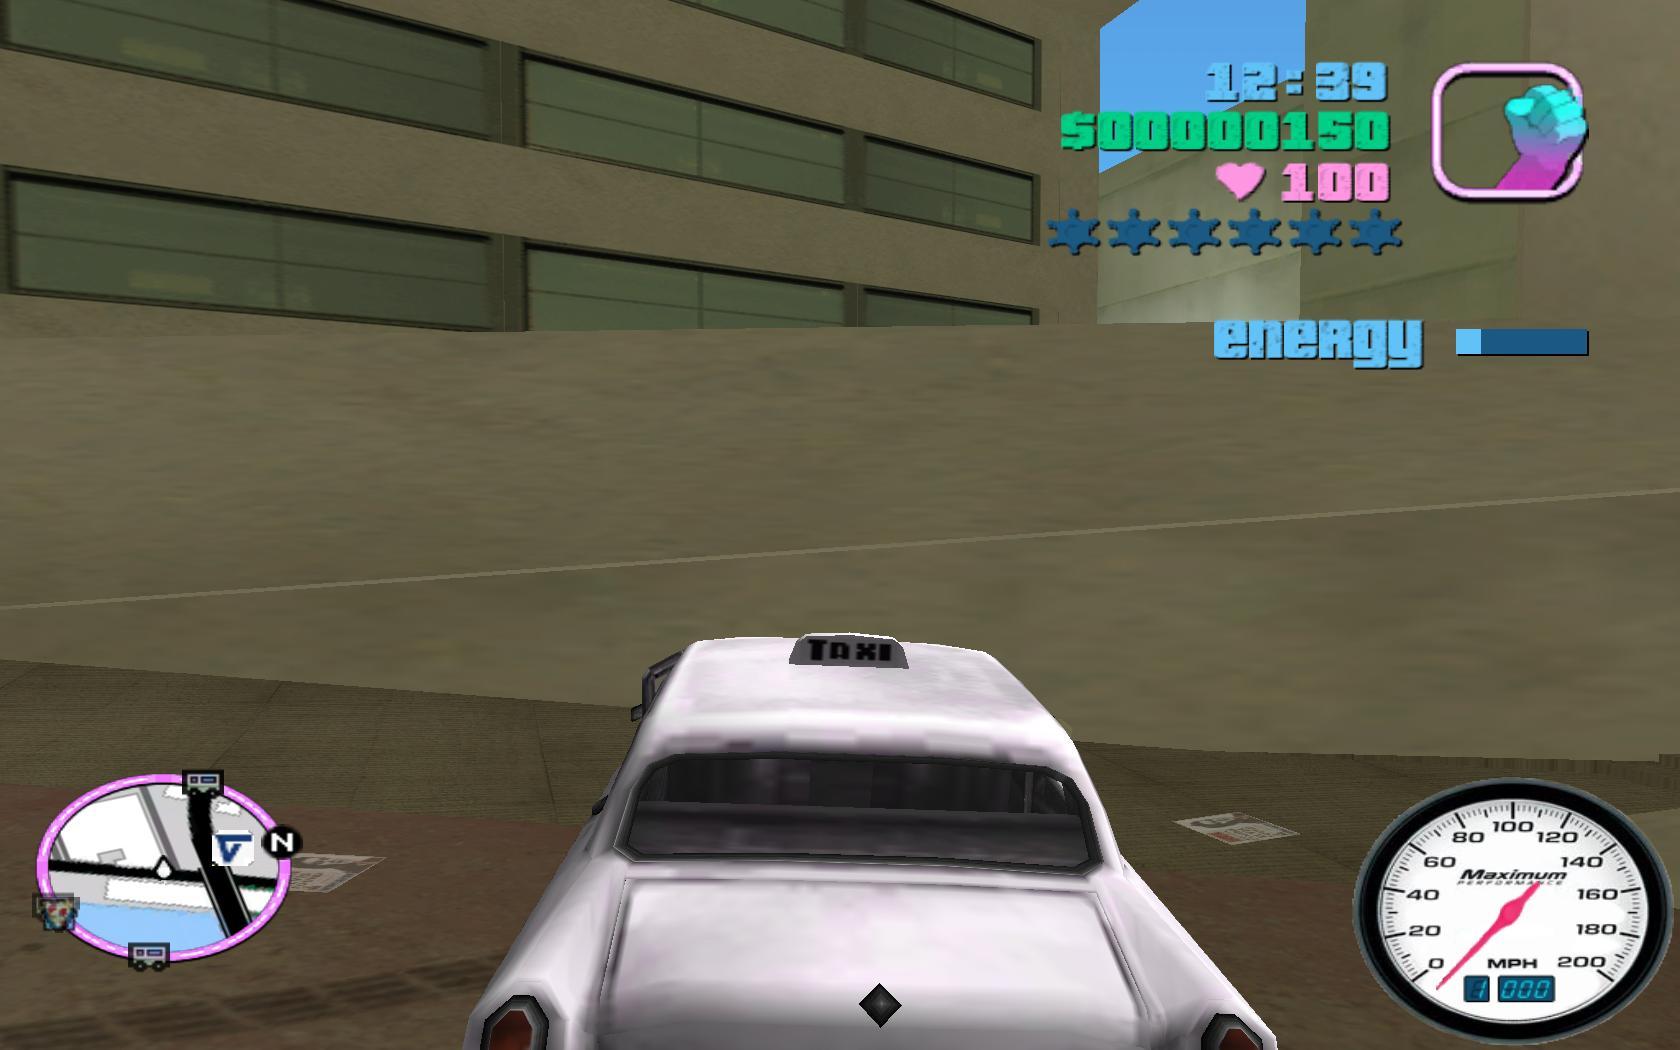 GTA Undercover In Miami mod for Grand Theft Auto: Vice City - Mod DB